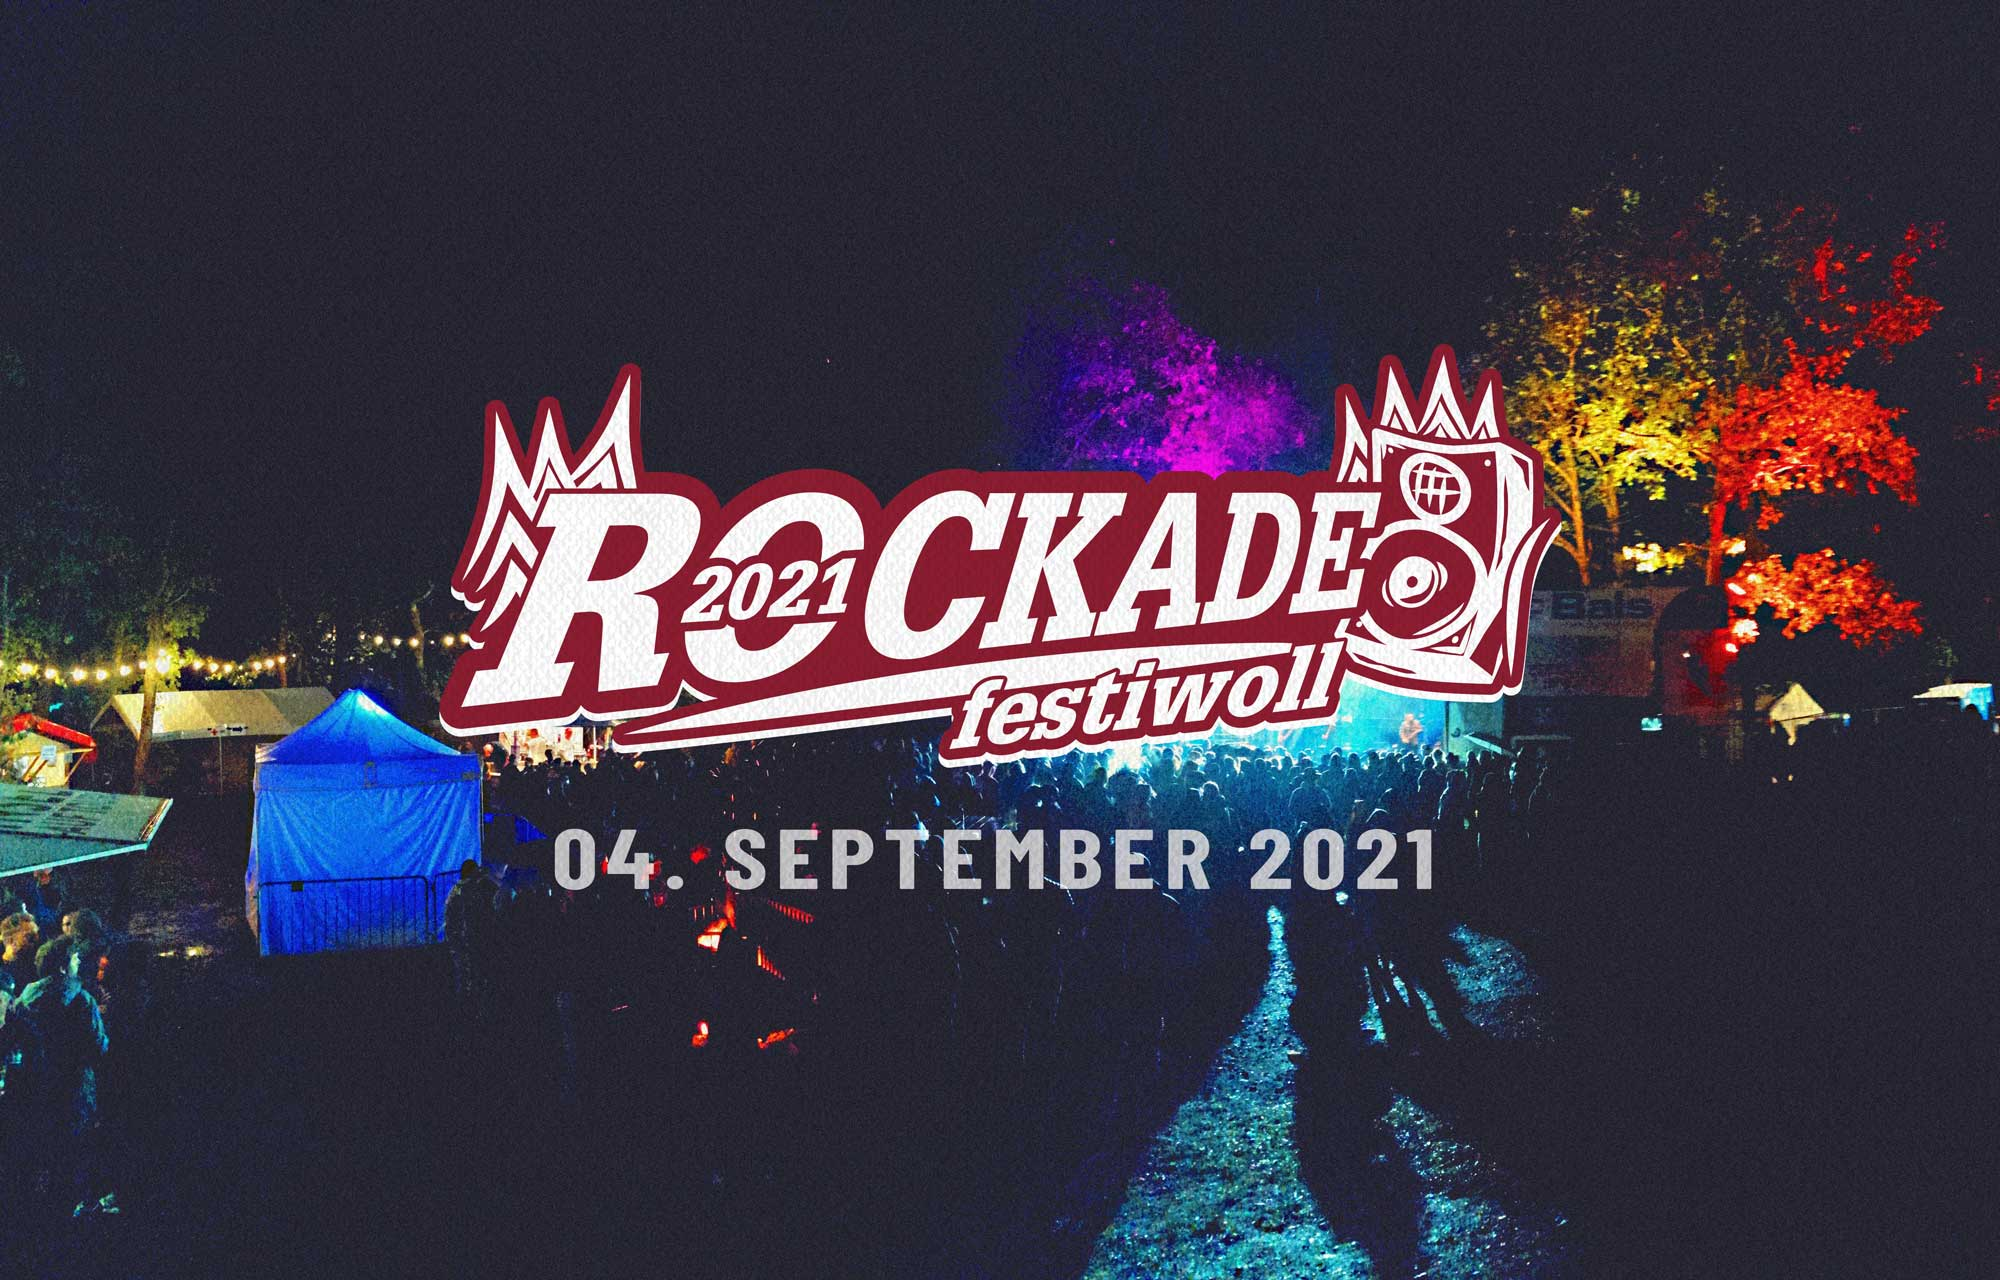 ROCKADE Festiwoll